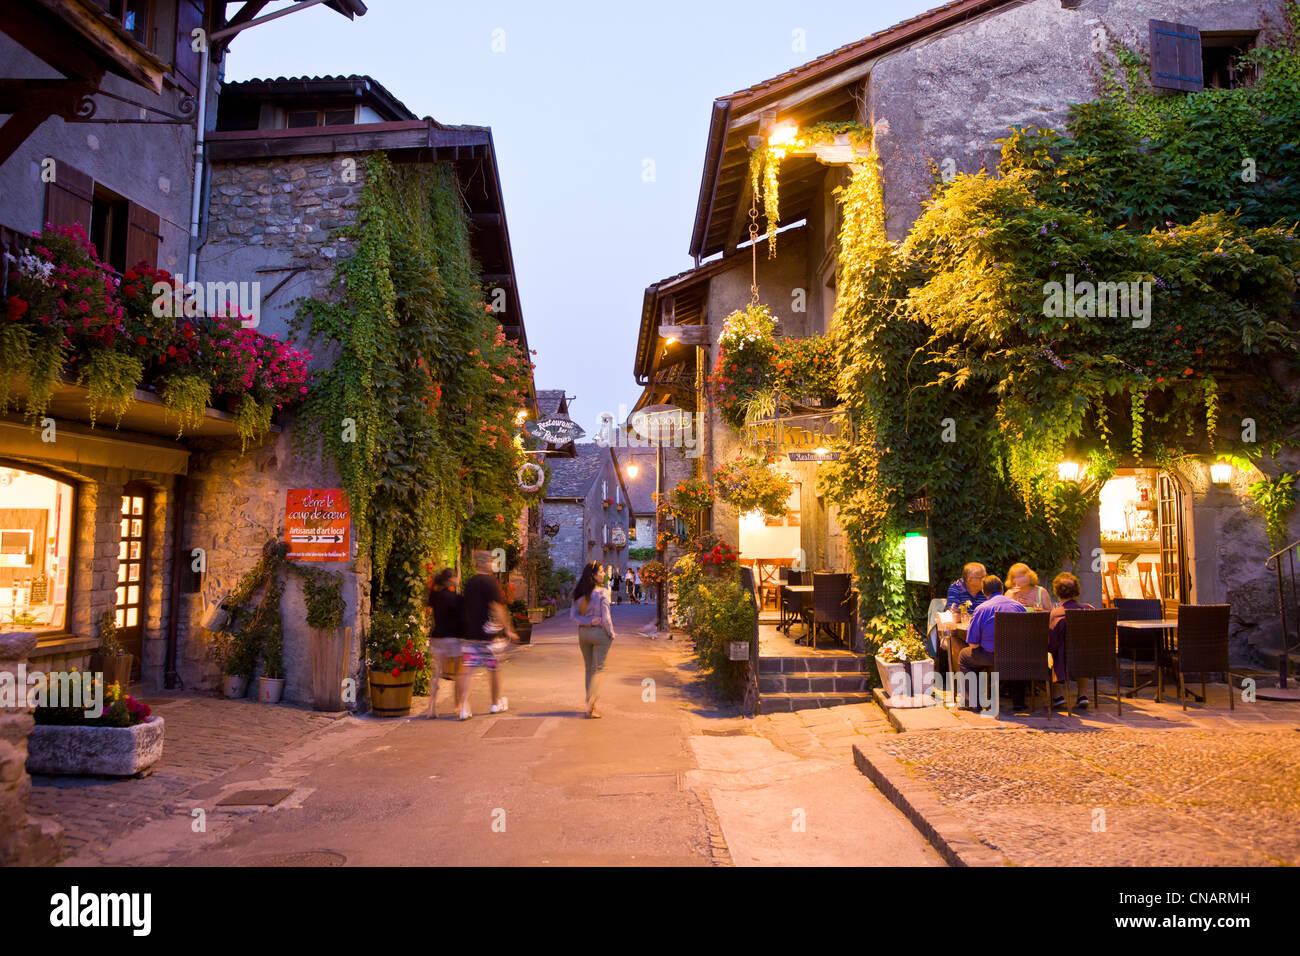 Le Plus Beau Restaurant De France